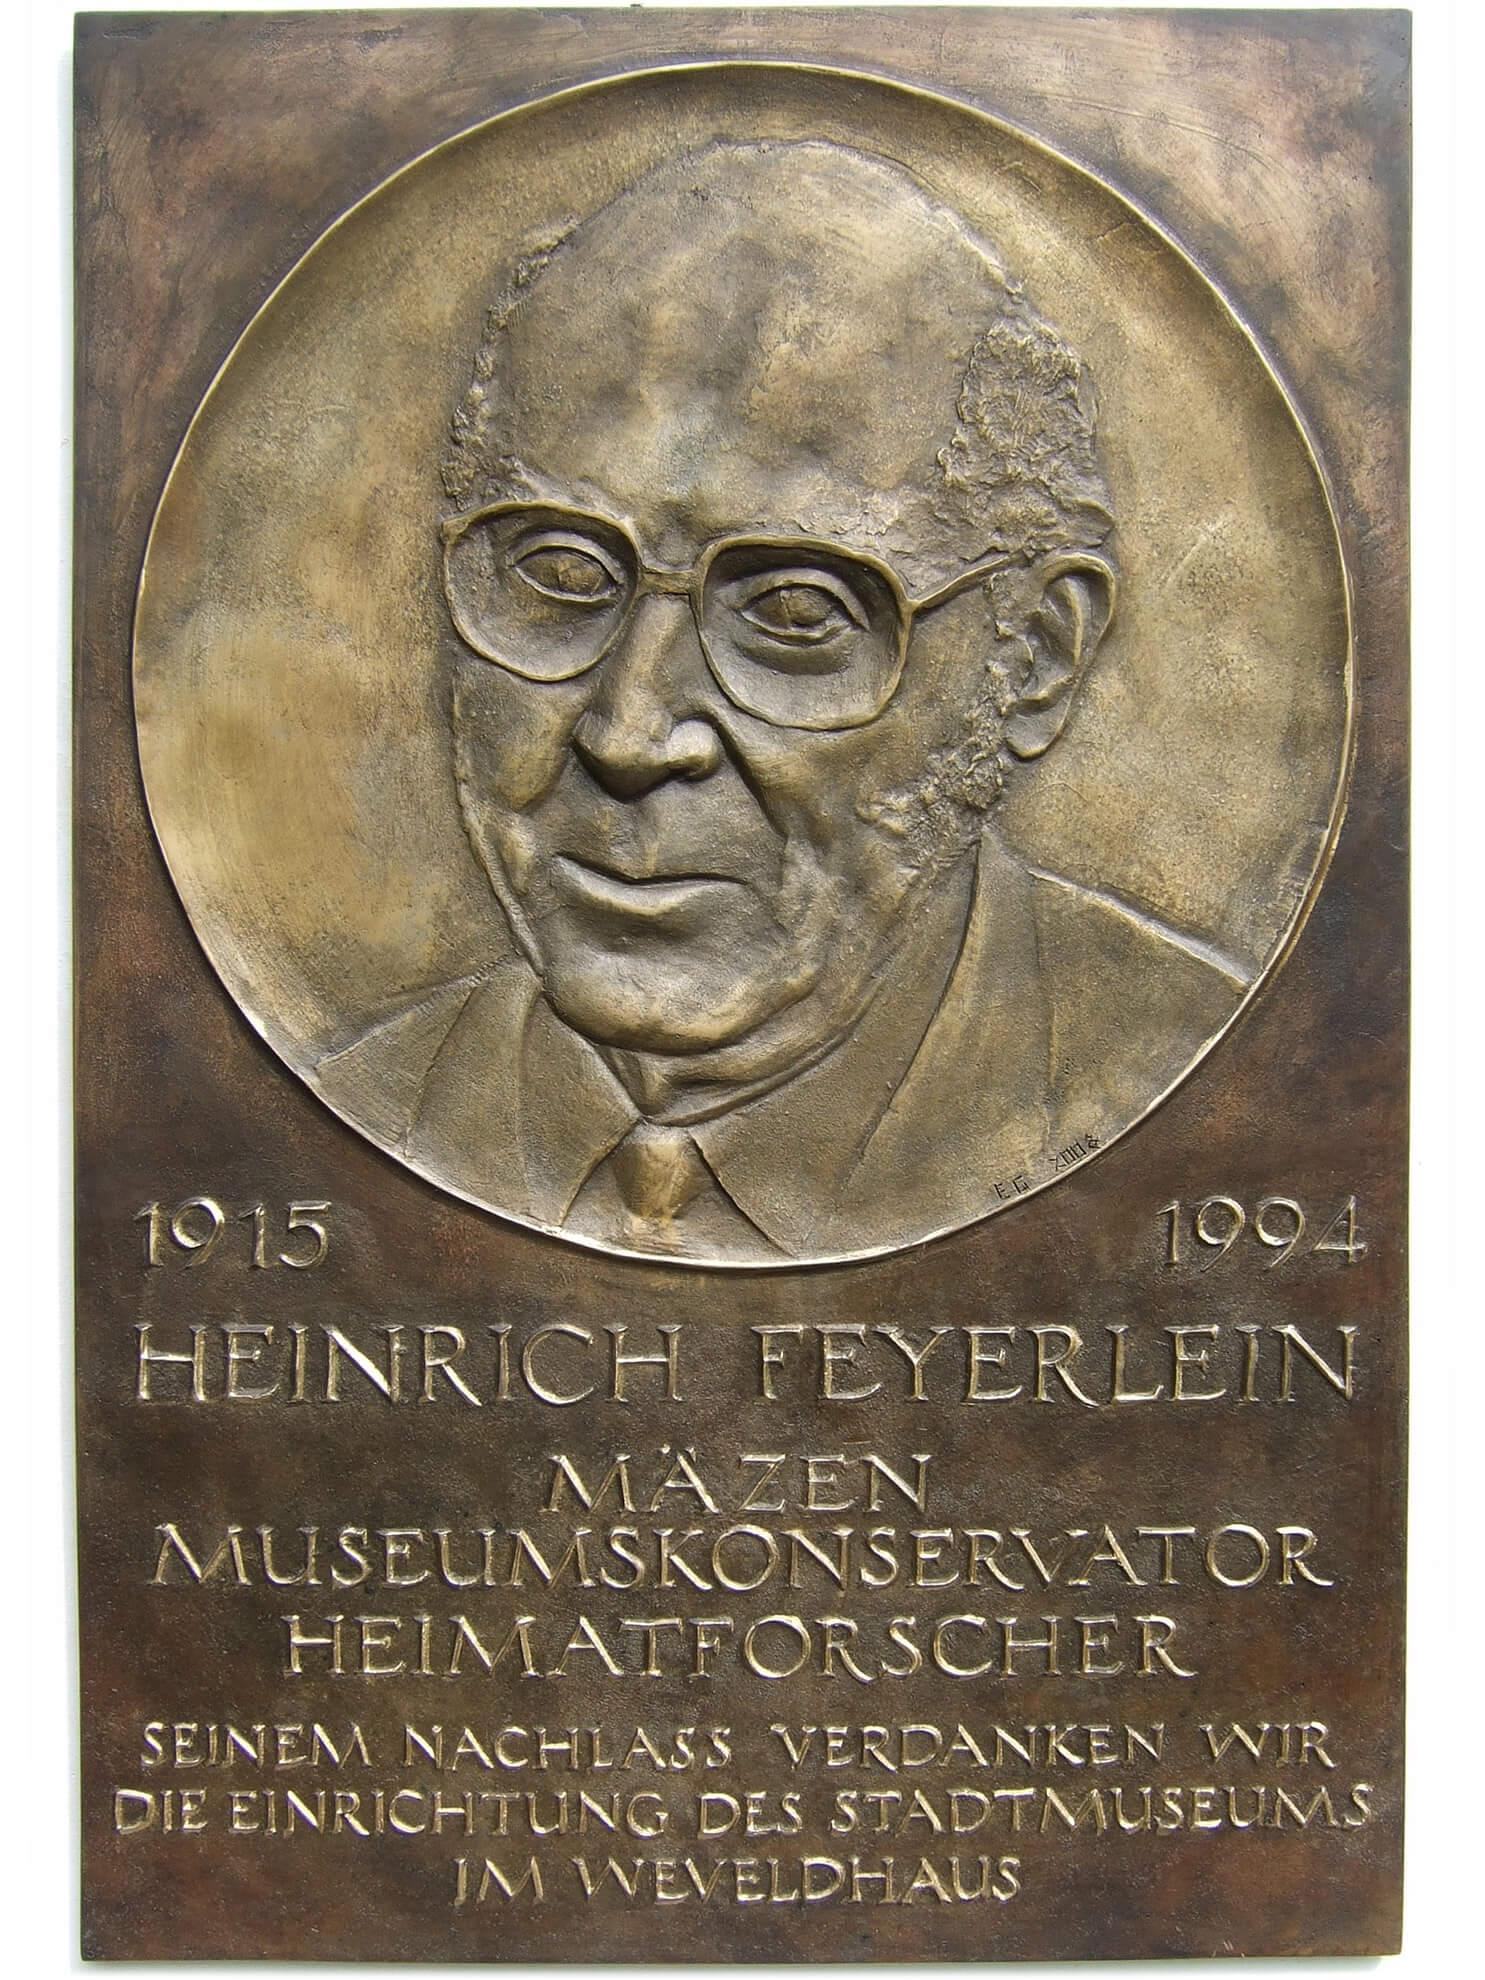 Heinrich Feyerlein, 2008, Bronze